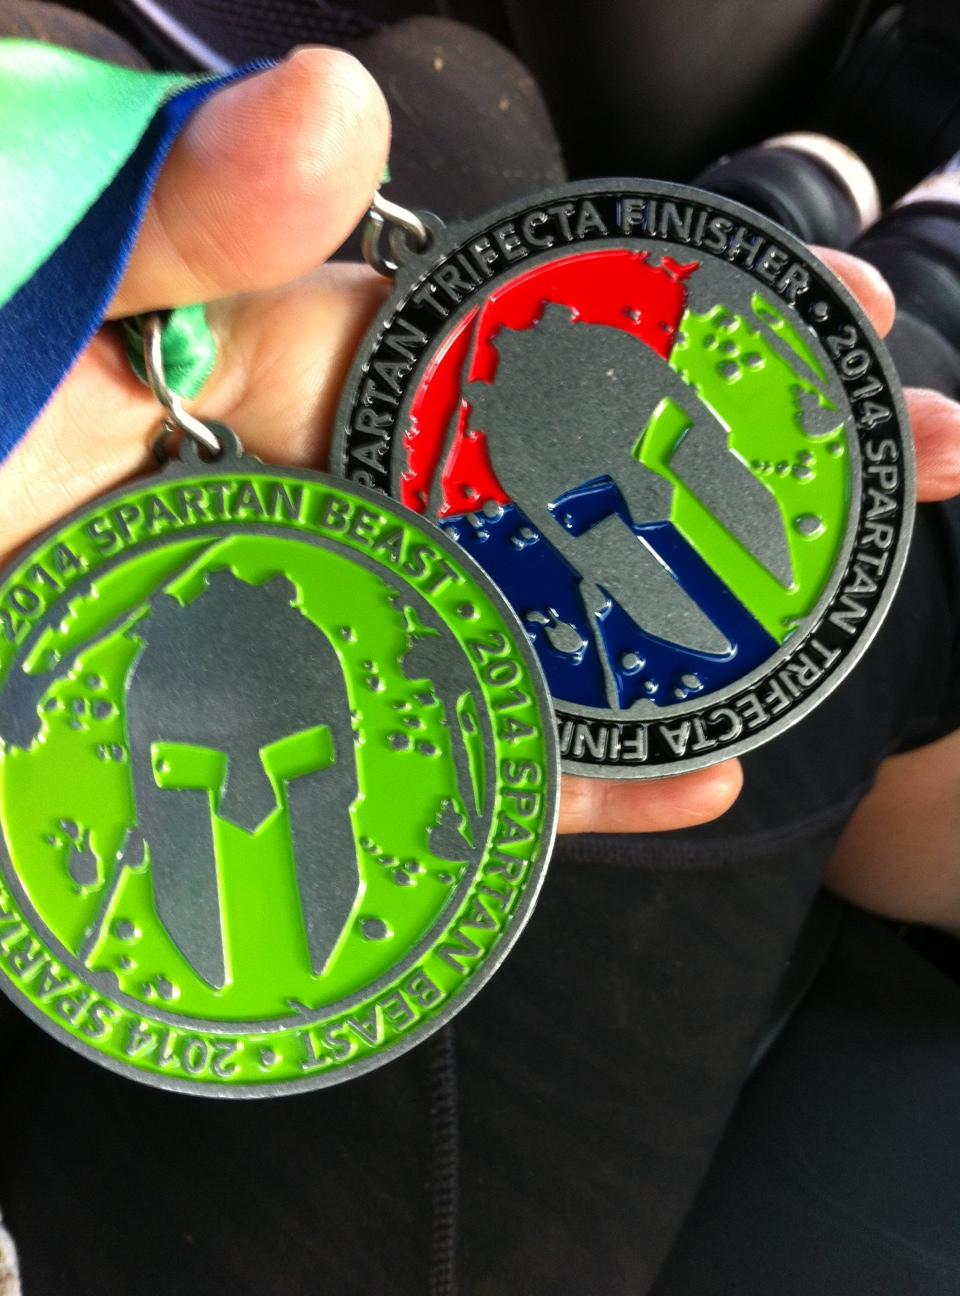 Beast und Trifecta Medaille